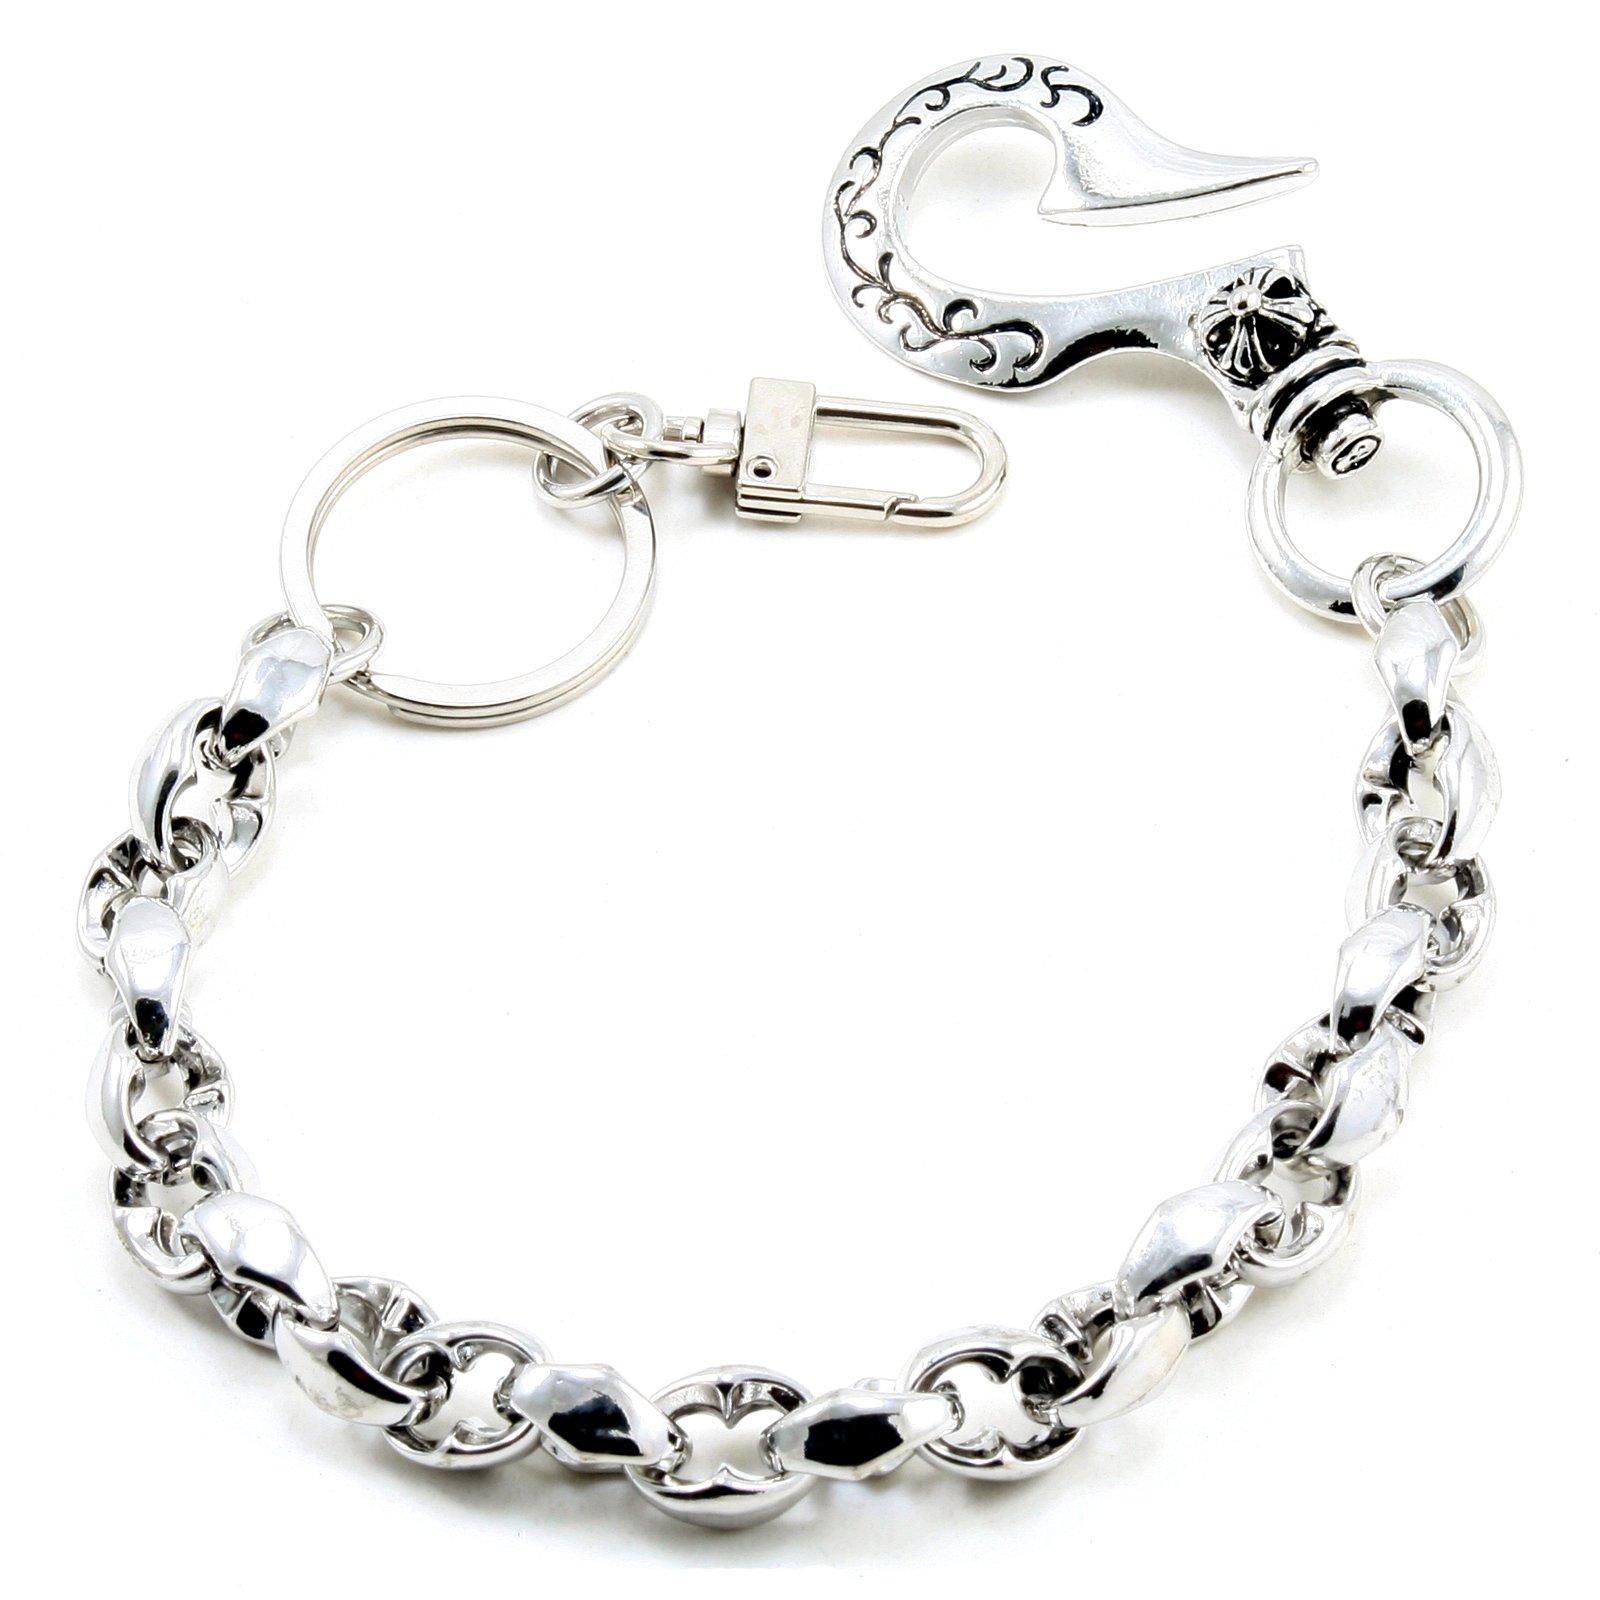 DoubleK Simple Classic Key Jean Wallet Chain (14''/3.6oz) Silver CS105